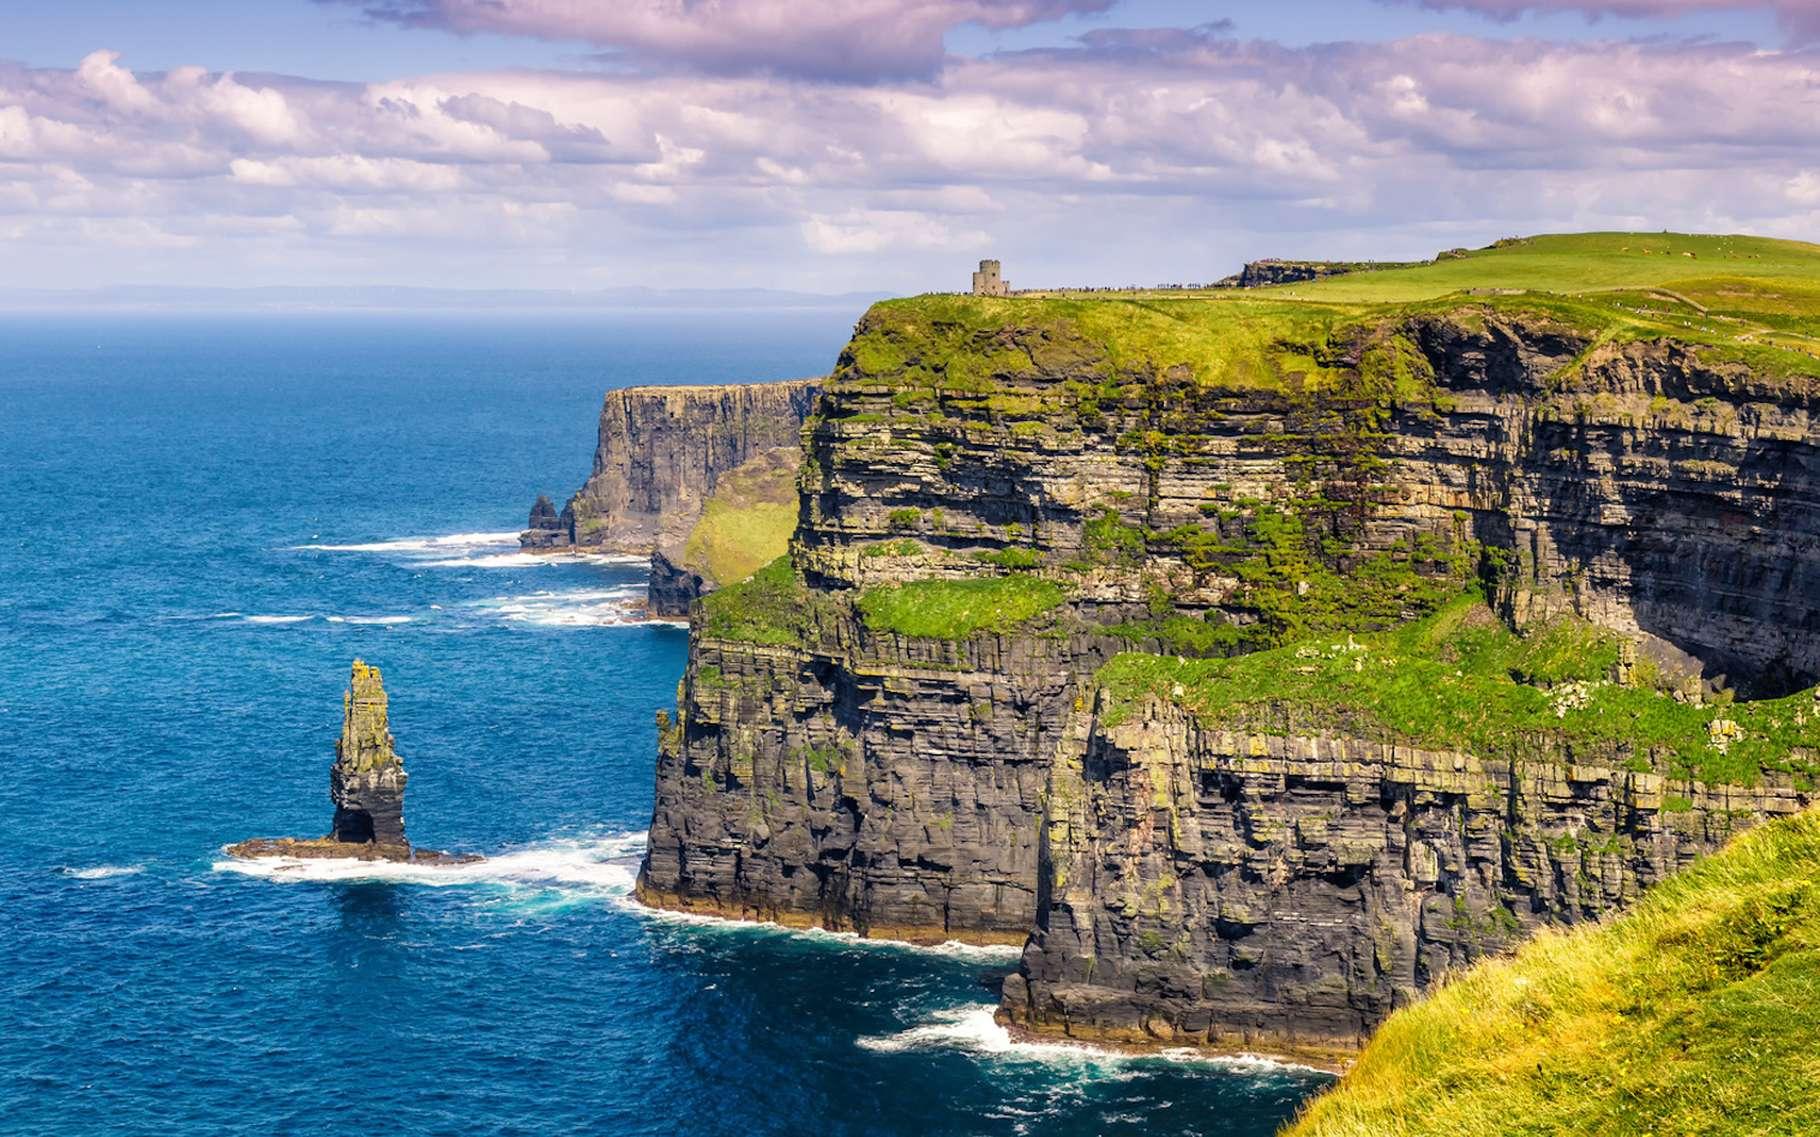 Les îles entourées d'eau — par exemple, l'Irlande —, sont plus sujettes à subir l'influence des courants marins et donc à connaître un véritable climat océanique. © Markus Mainka, Fotolia